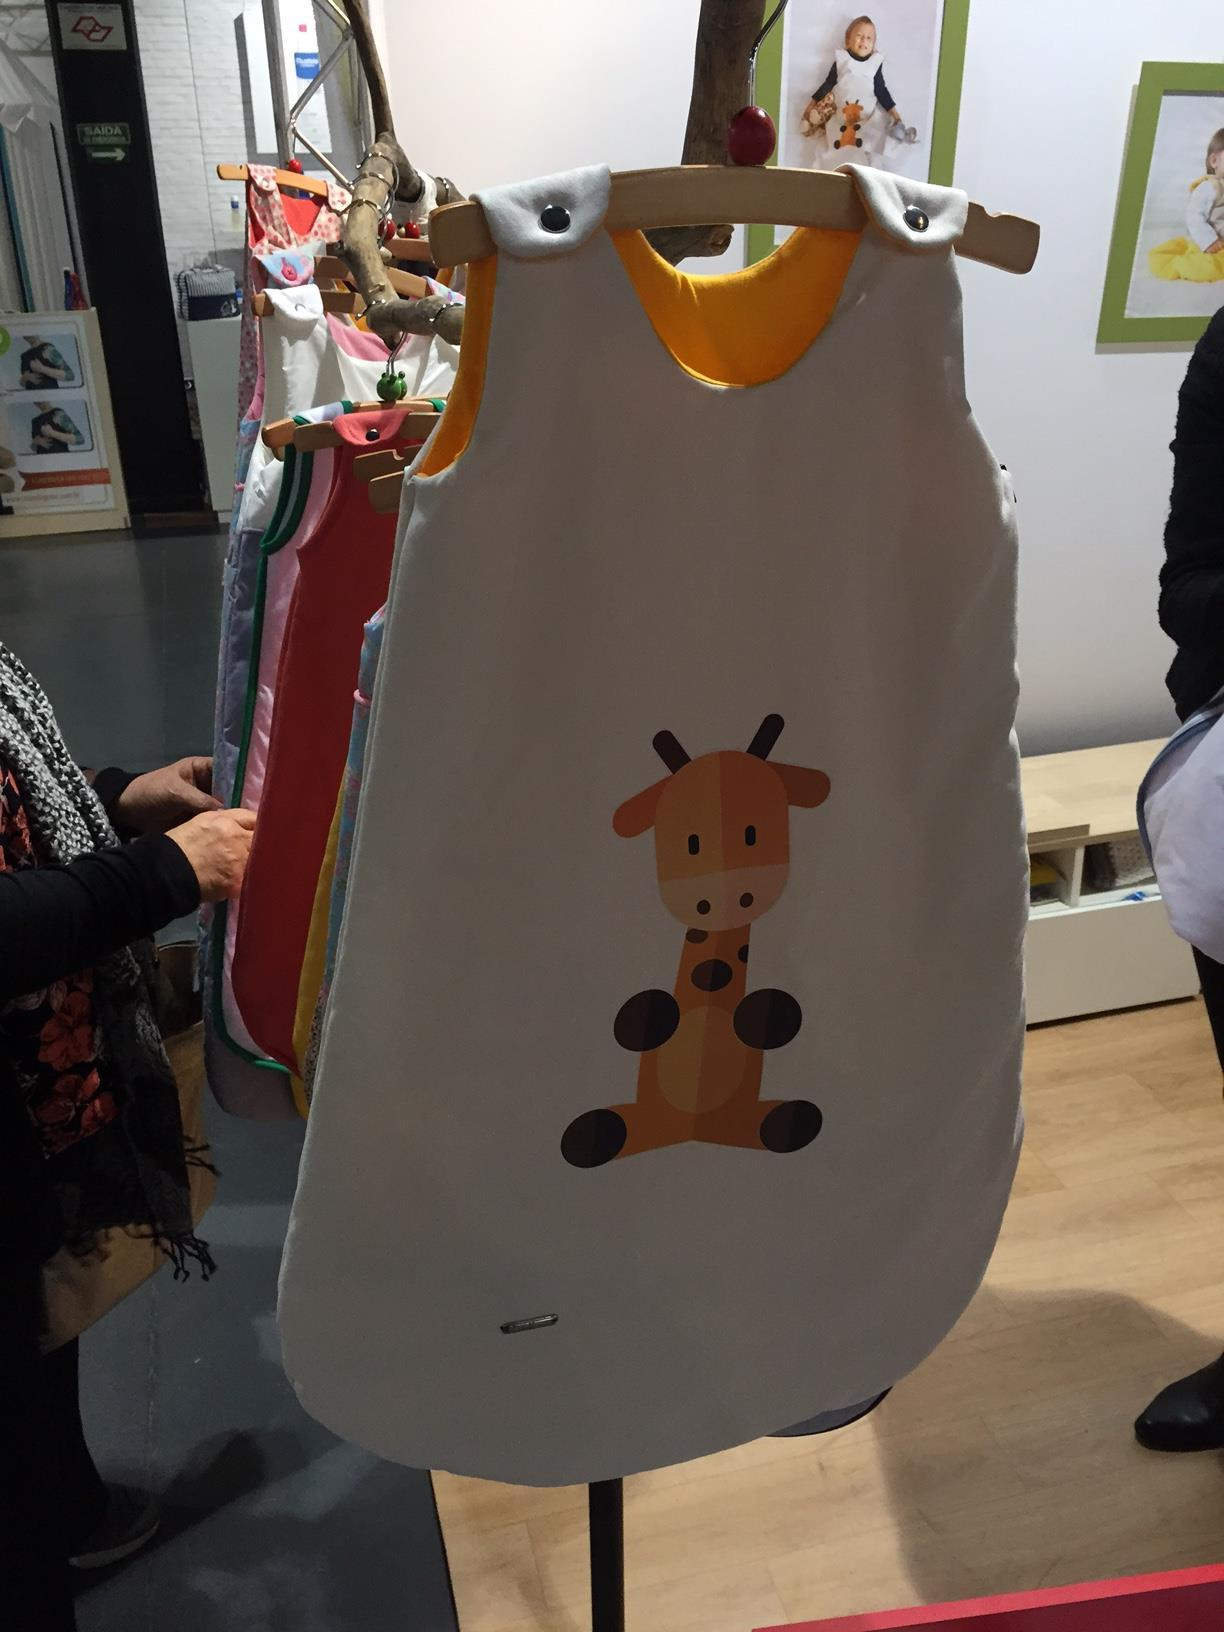 Estampas de animaizinhos fofos, como essa girafa da foto, seguem sendo tendência. Aposte!